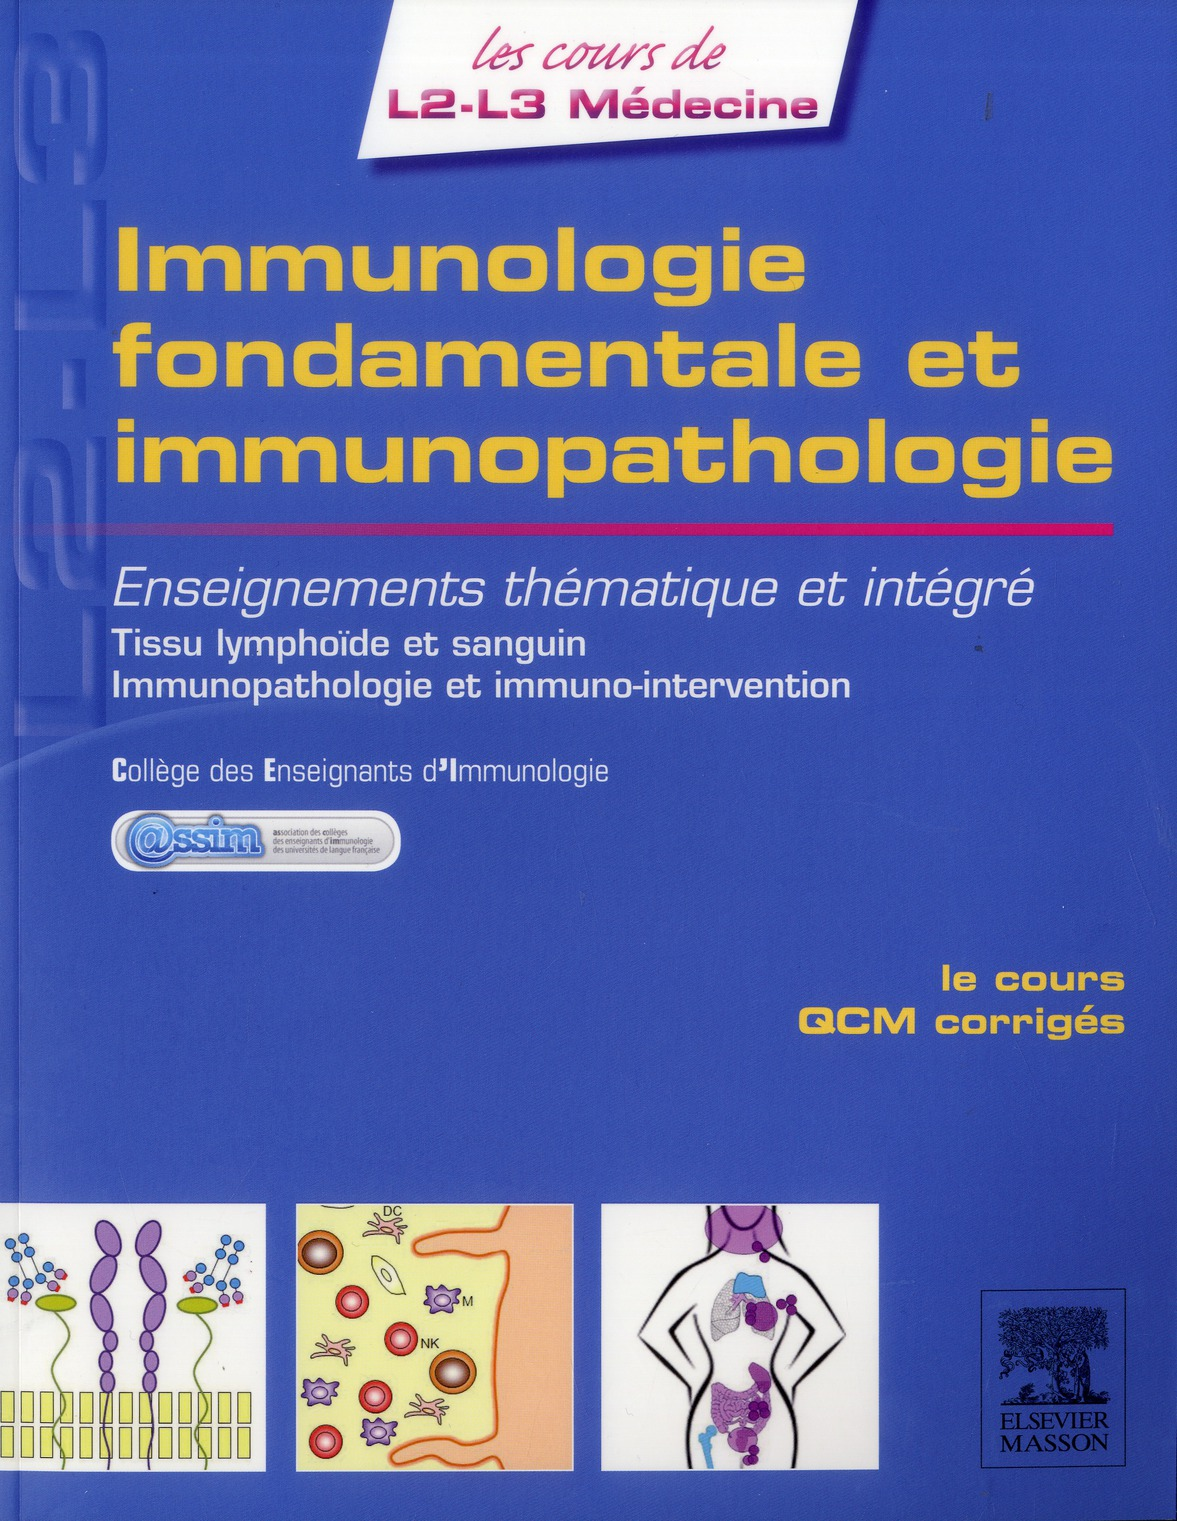 Immunologie fondamentale